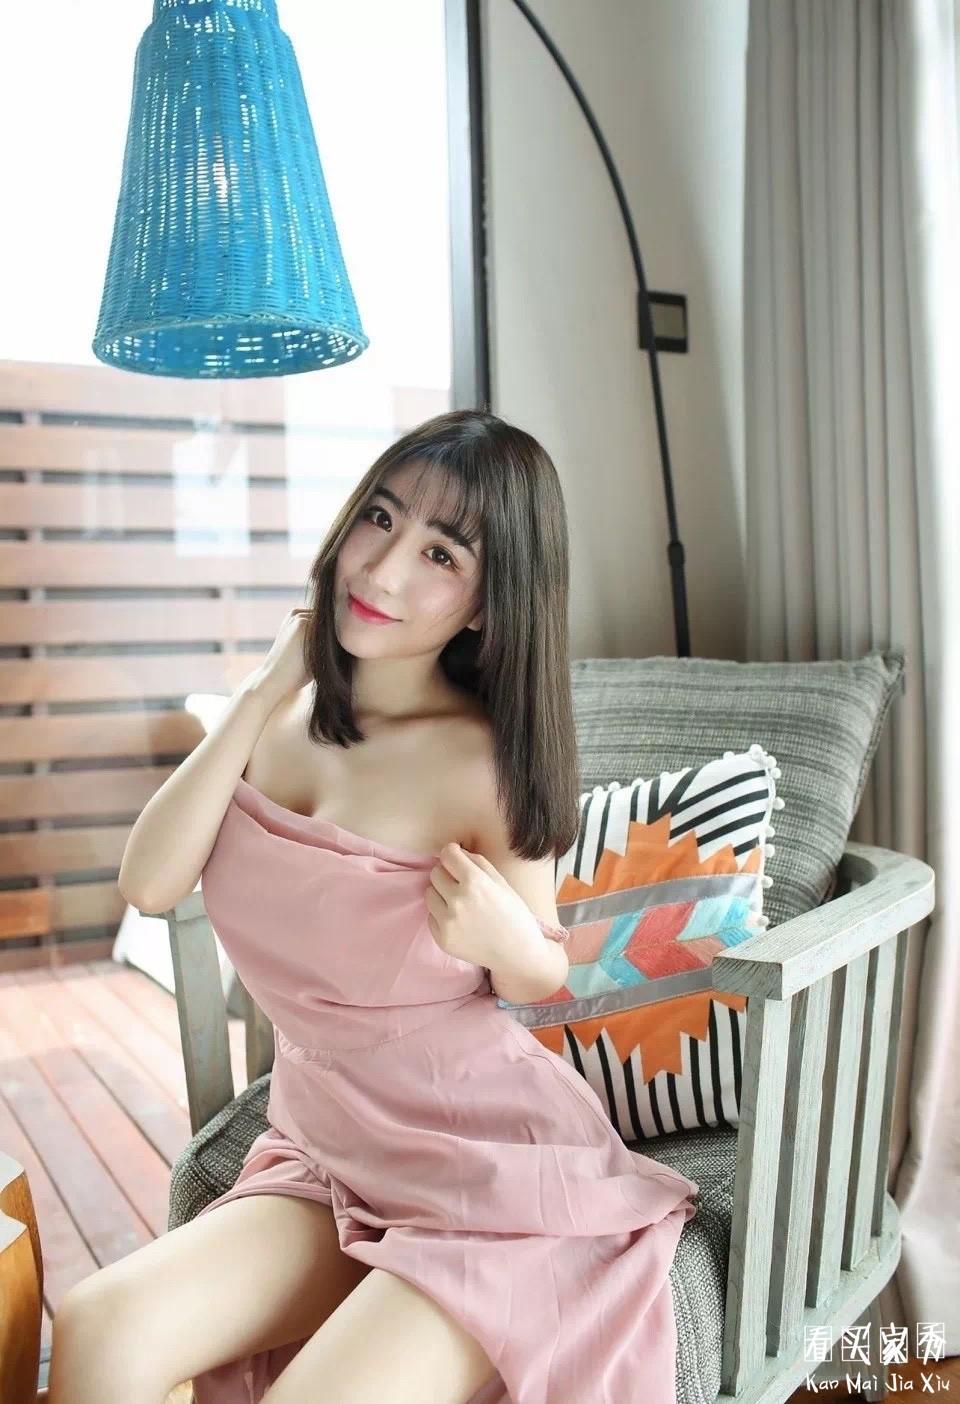 小姐姐依稀粉色吊带裙买家秀,仙女味十足,就是为什么老把裙子掀起来拍照呢?2